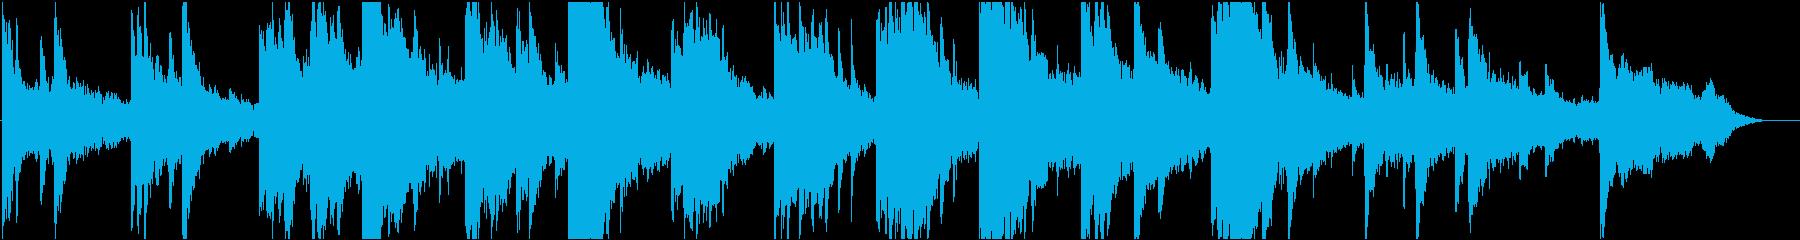 企業VP28 16bit44kHzVerの再生済みの波形